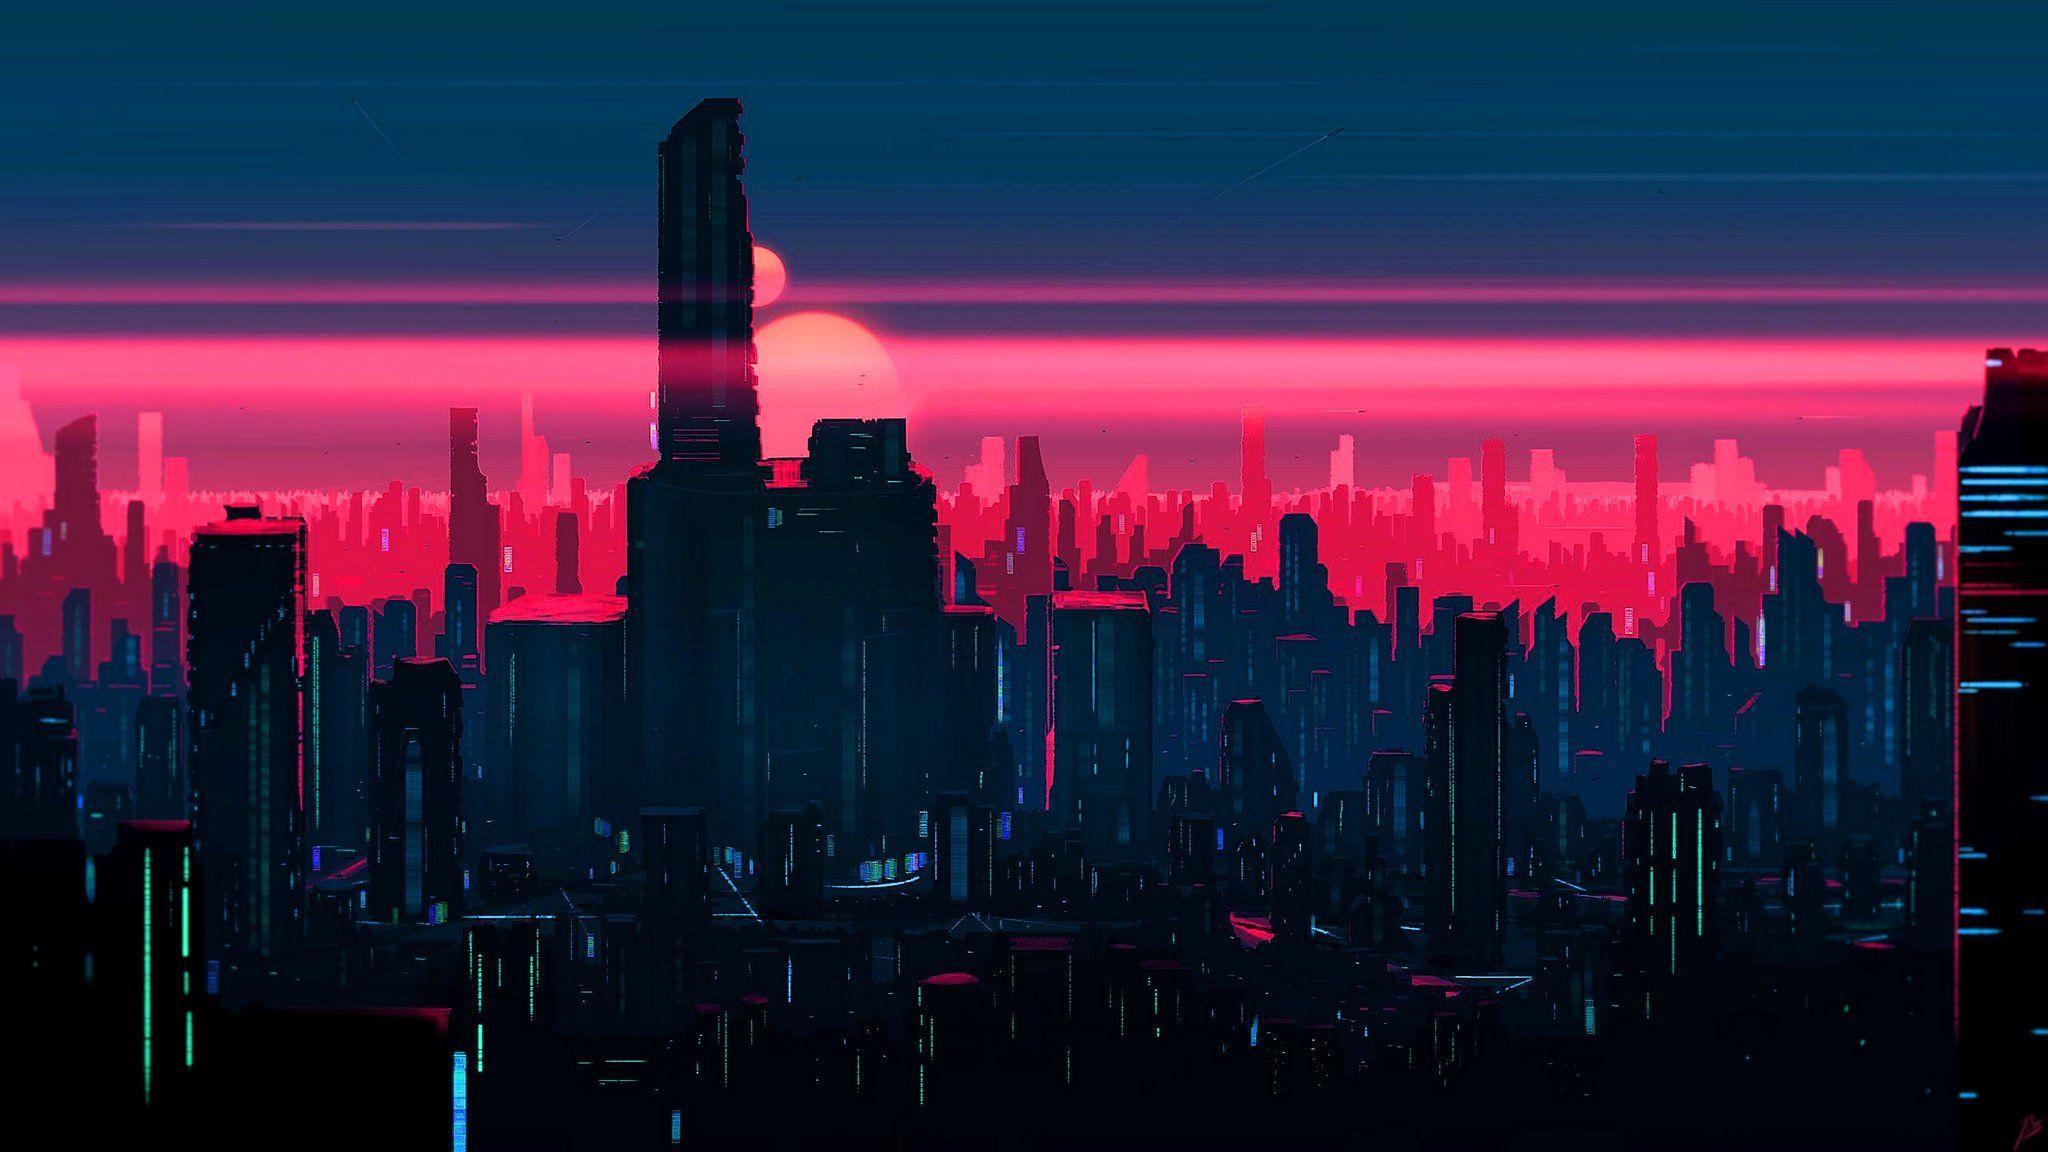 Sondhi On Twitter In 2021 Desktop Wallpaper Art City Wallpaper Sunset Wallpaper